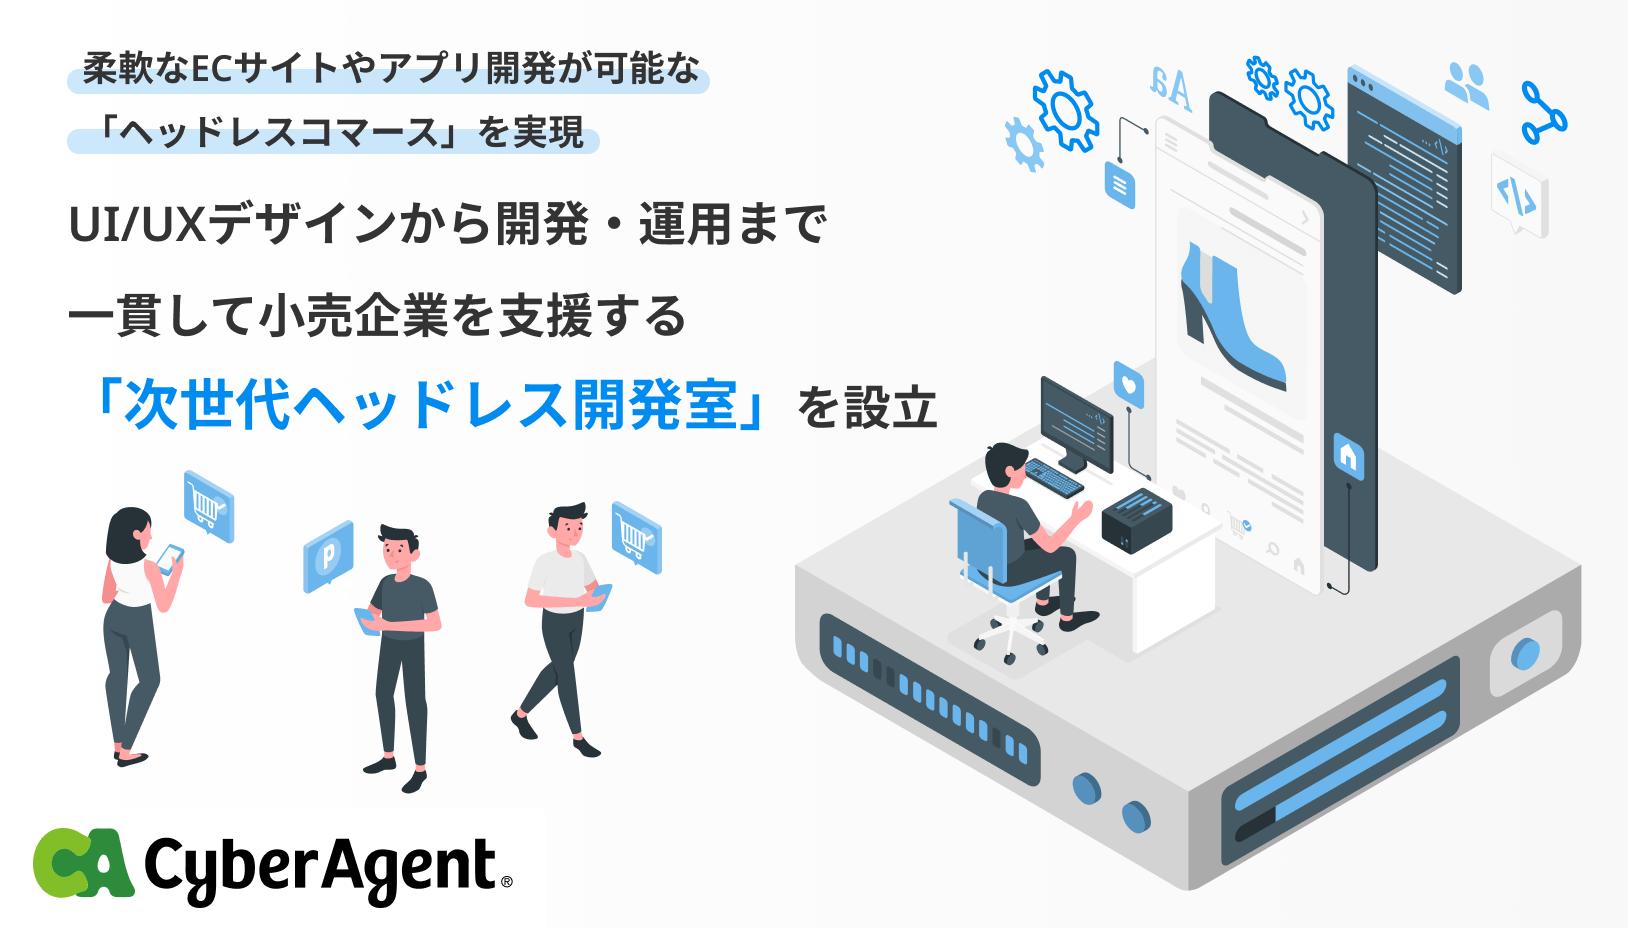 柔軟なECサイトやアプリ開発が可能な「ヘッドレスコマース」を実現  UI/UXデザインから開発・運用まで一貫して小売企業を支援する「次世代ヘッドレス開発室」を設立